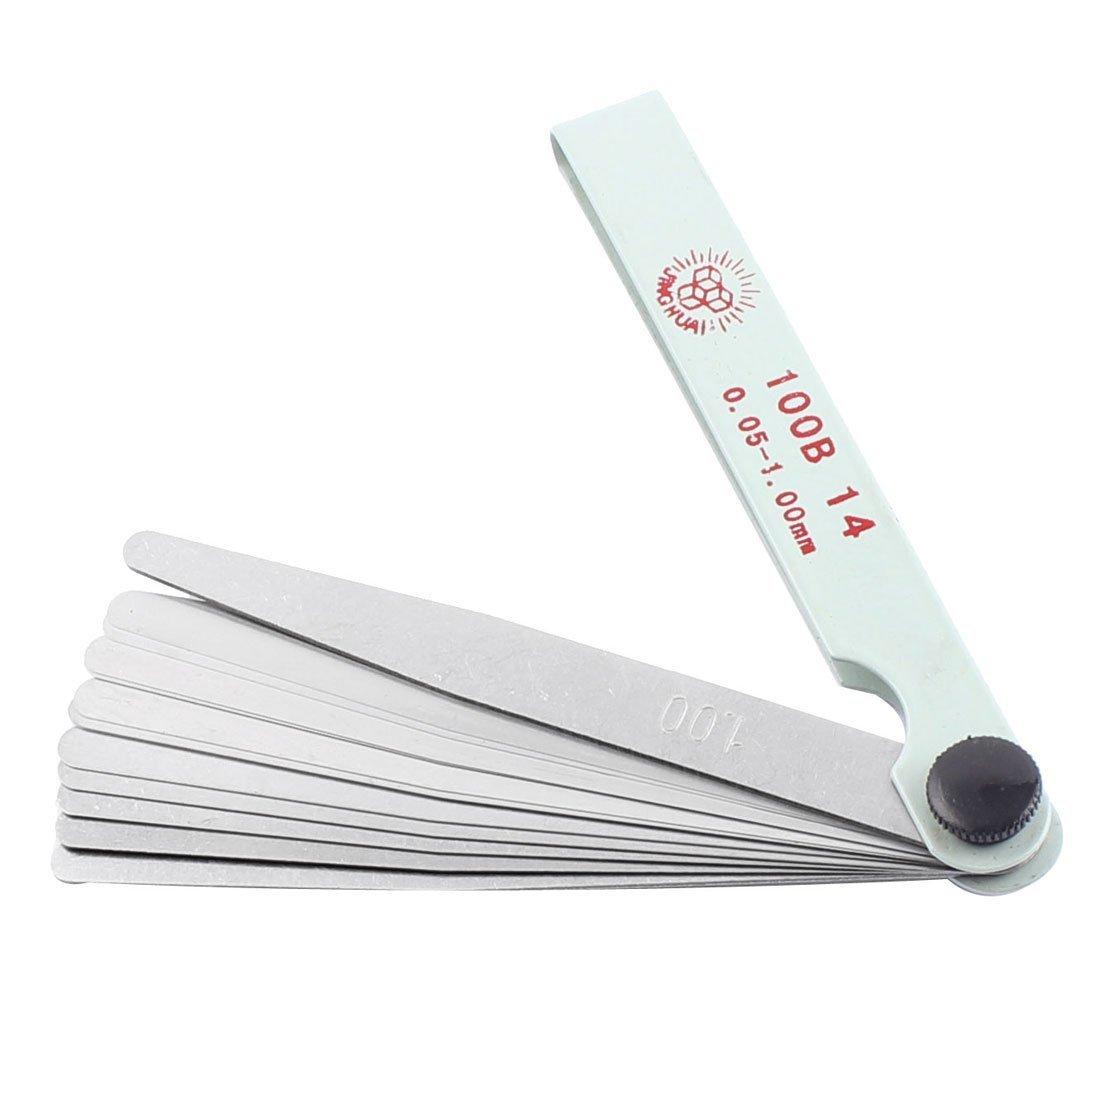 sourcingmap® 100B-14 4' Largo 0, 05-1, 00mm Espesor 14 Hojas herramienta de medición de espesores Medidor 00mm Espesor 14 Hojas herramienta de medición de espesores Medidor US-SA-AJD-350998